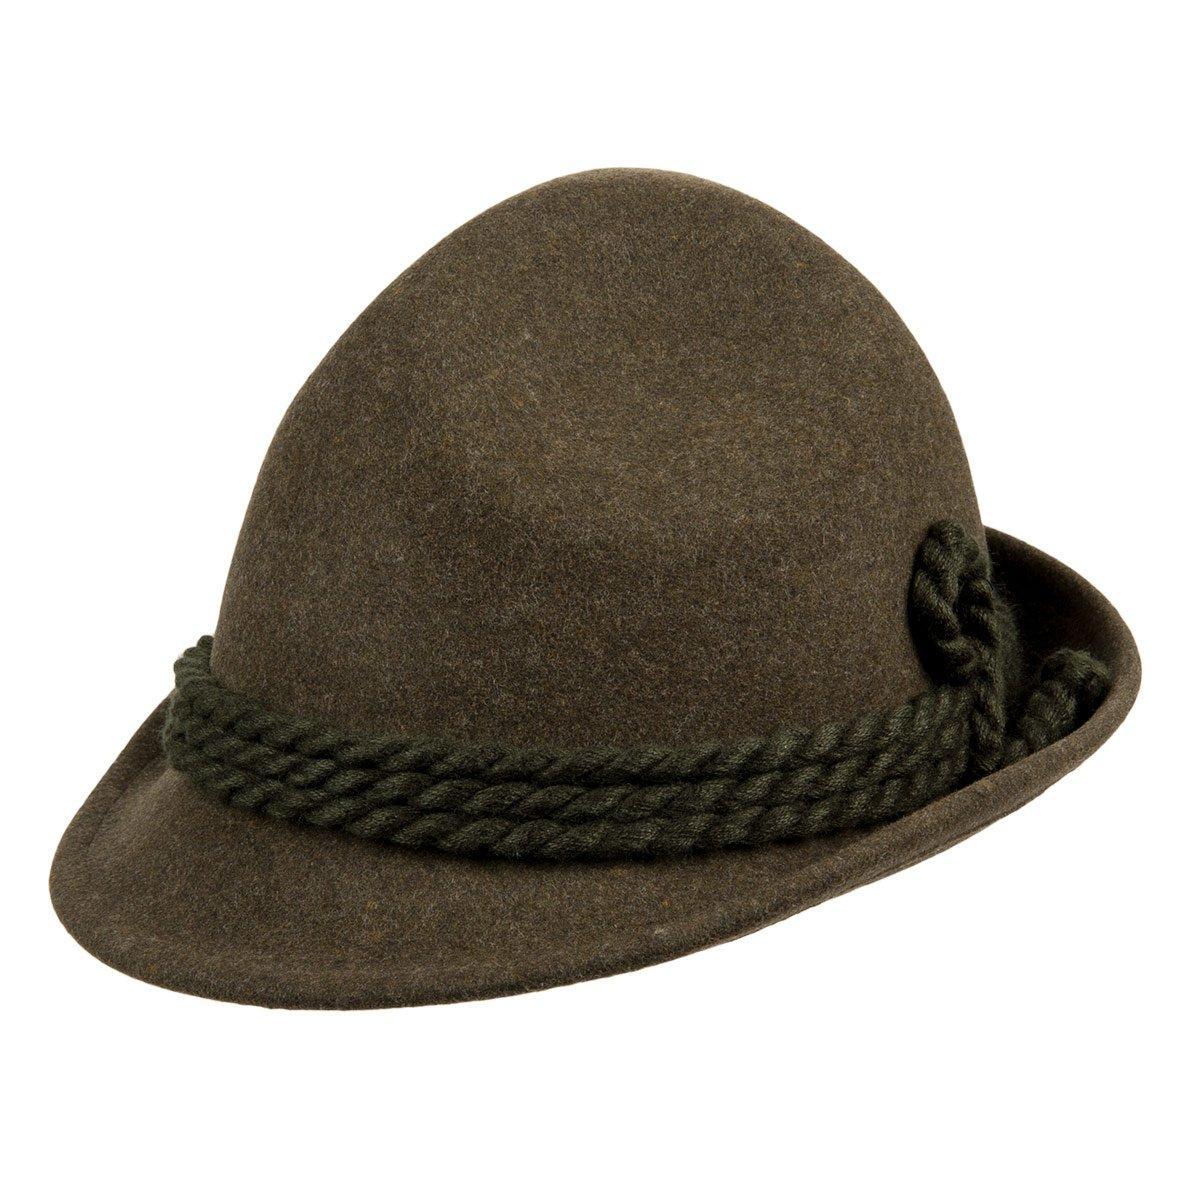 vendita a basso prezzo negozio online buona vendita HUTTER | cappello cacciatore in ottimo feltro lana tascabile